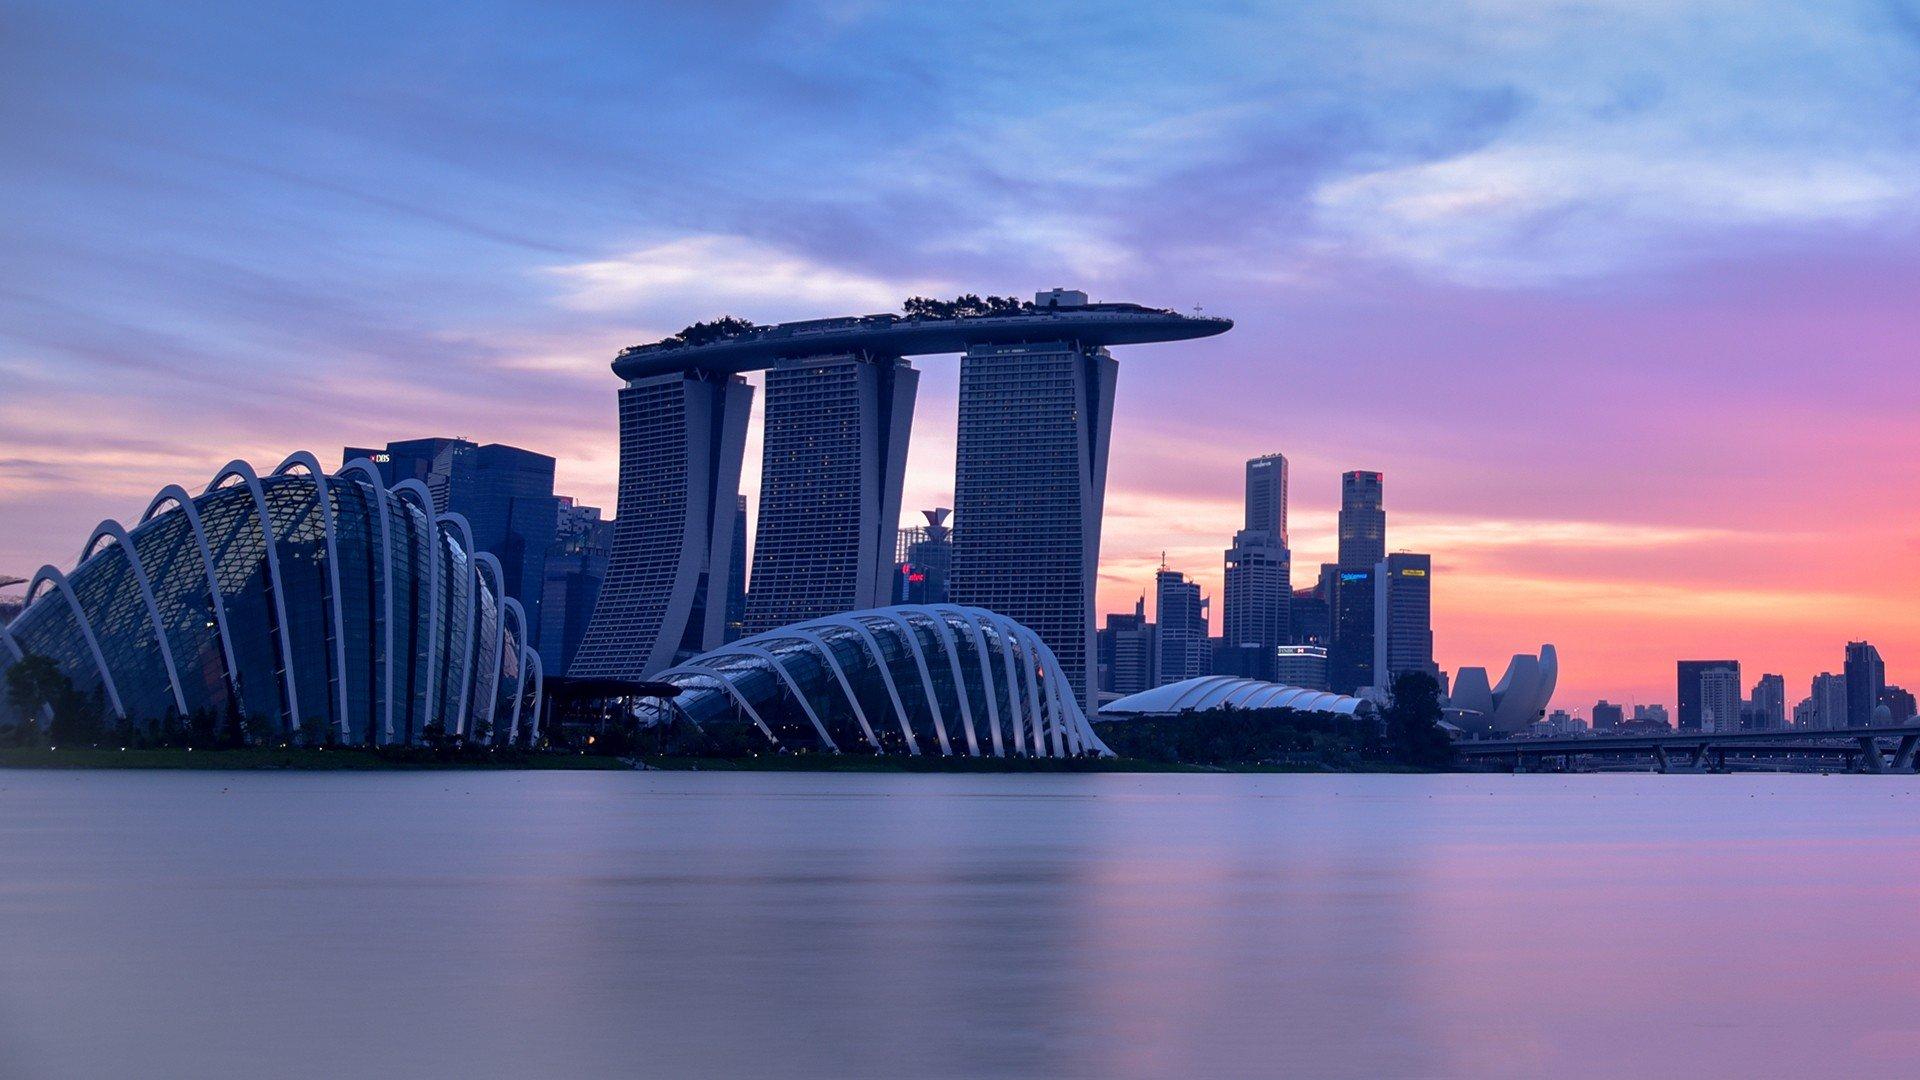 красивые фото на фоне сингапура получается